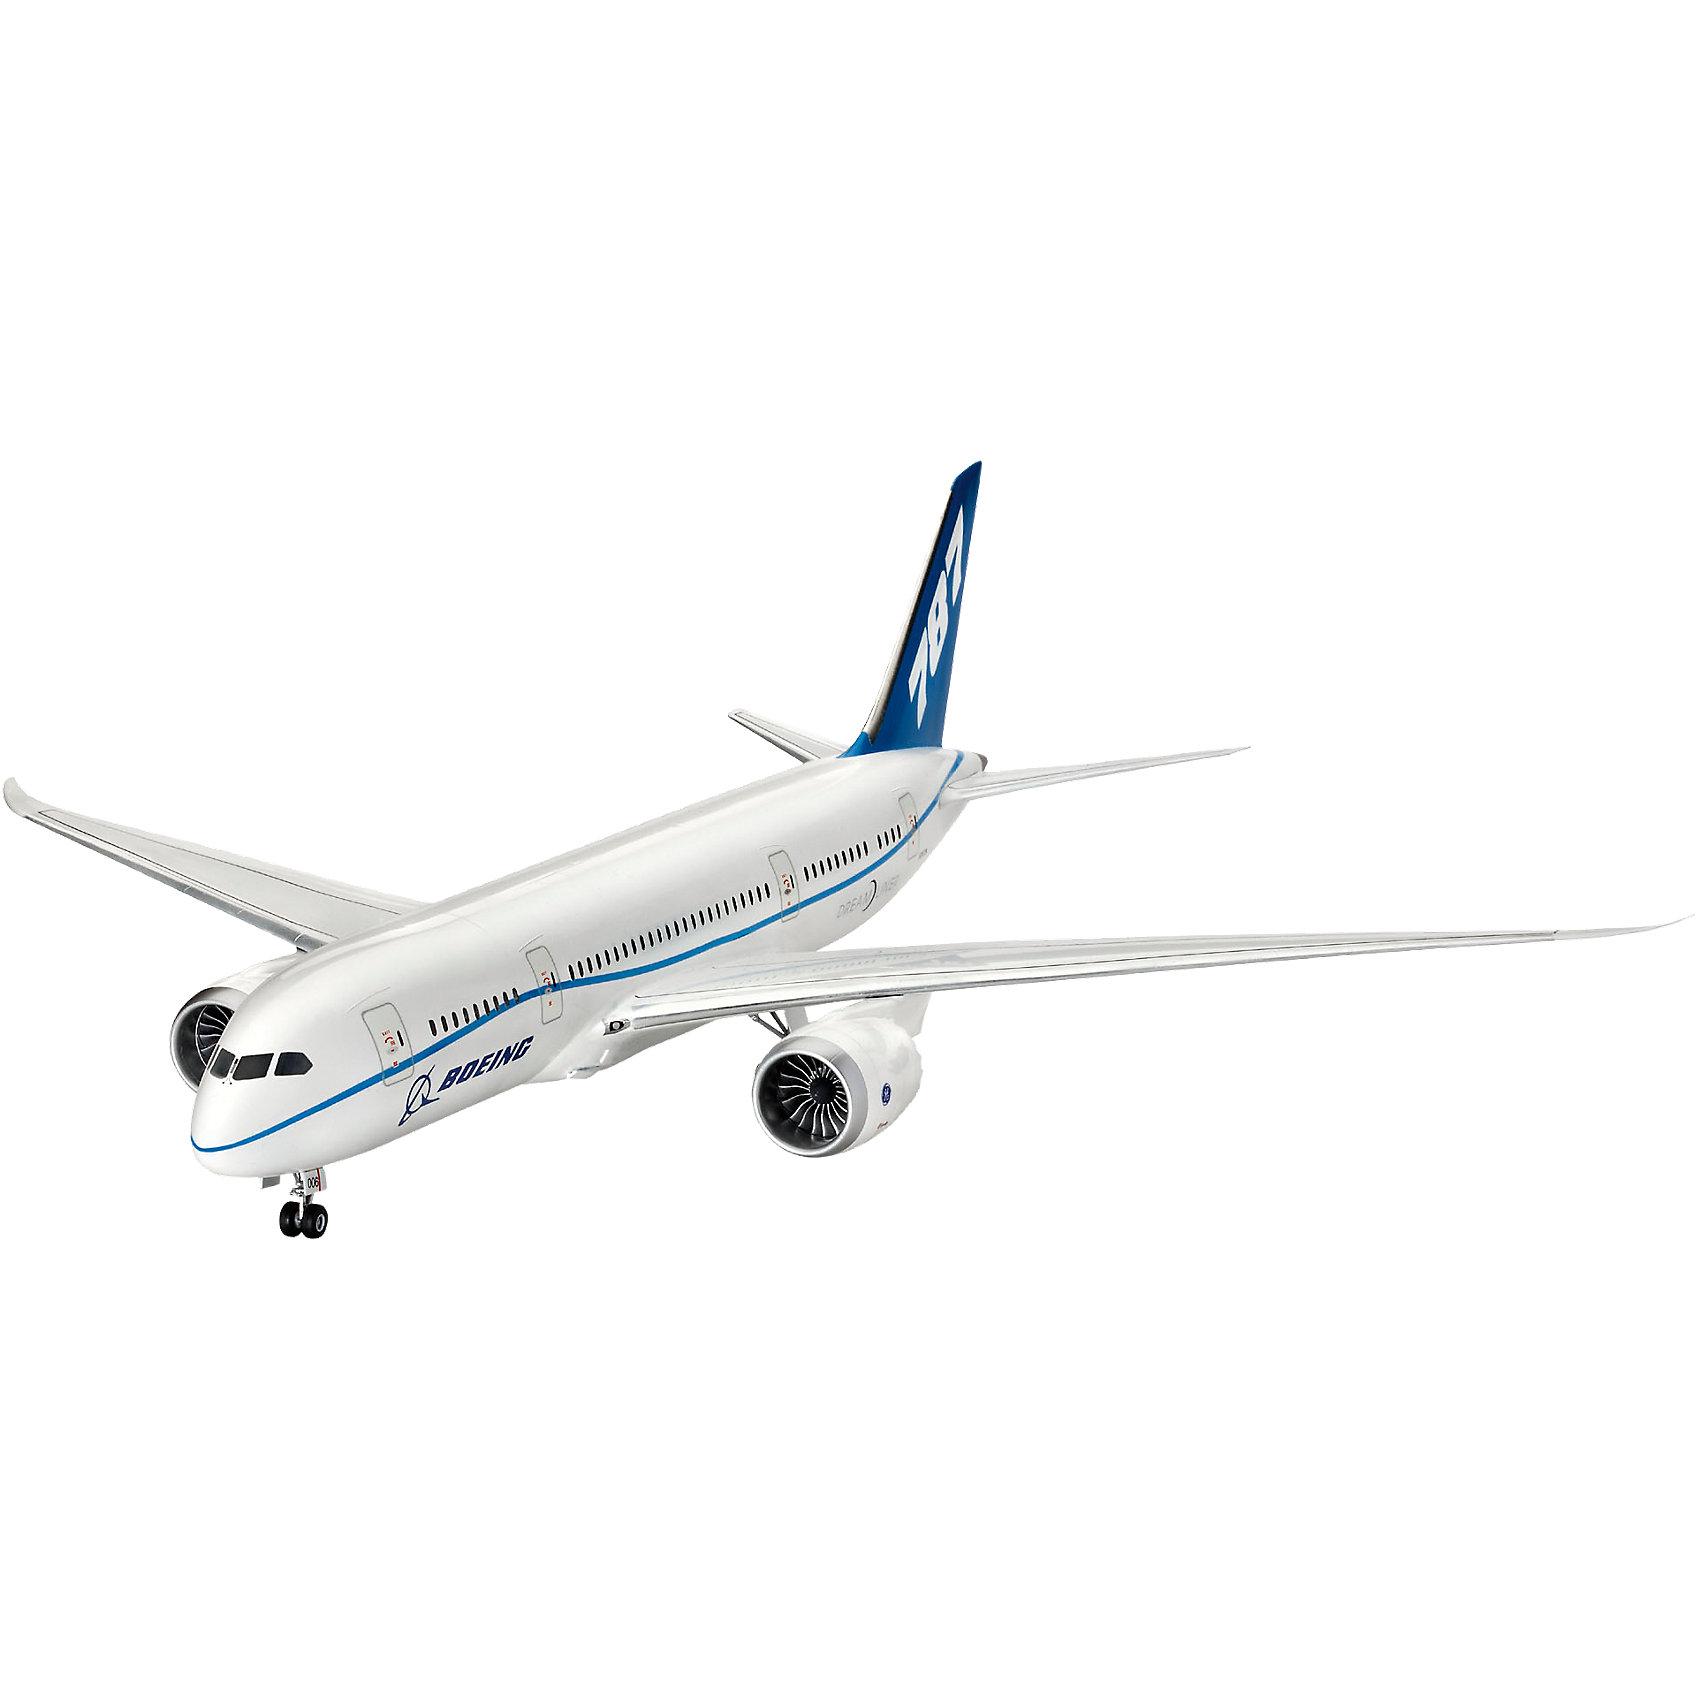 Cамолет Пассажирский Boeing 787 DreamlinerМодели для склеивания<br>Характеристики товара:<br><br>• возраст: от 10 лет;<br>• масштаб: 1:144;<br>• количество деталей: 72 шт;<br>• материал: пластик; <br>• клей и краски в комплект не входят;<br>• длина модели: 38,6 см;<br>• размах крыльев: 42 см;<br>• бренд, страна бренда: Revell (Ревел), Германия;<br>• страна-изготовитель: Польша.<br><br>Модель для сборки «Cамолет Пассажирский Boeing 787 Dreamliner» поможет вам и вашему ребенку придумать увлекательное занятие на долгое время и весело провести свой досуг. <br><br>В набор входят 72 пластиковые детали, которые помогут воссоздать точную копию одноименного самолета. Детали можно собрать при помощи клея, согласно инструкции. Готовый истребитель украсит стол или книжную полку ребенка. Краски и клей в комплект не входят.<br><br>Процесс сборки развивает интеллектуальные и инструментальные способности, воображение и конструктивное мышление, а также прививает практические навыки работы со схемами и чертежами.<br> <br>Модель для сборки «Cамолет Пассажирский Boeing 787 Dreamliner», 72 дет., Revell (Ревел) можно купить в нашем интернет-магазине.<br><br>Ширина мм: 539<br>Глубина мм: 210<br>Высота мм: 68<br>Вес г: 416<br>Возраст от месяцев: 120<br>Возраст до месяцев: 180<br>Пол: Мужской<br>Возраст: Детский<br>SKU: 4171715